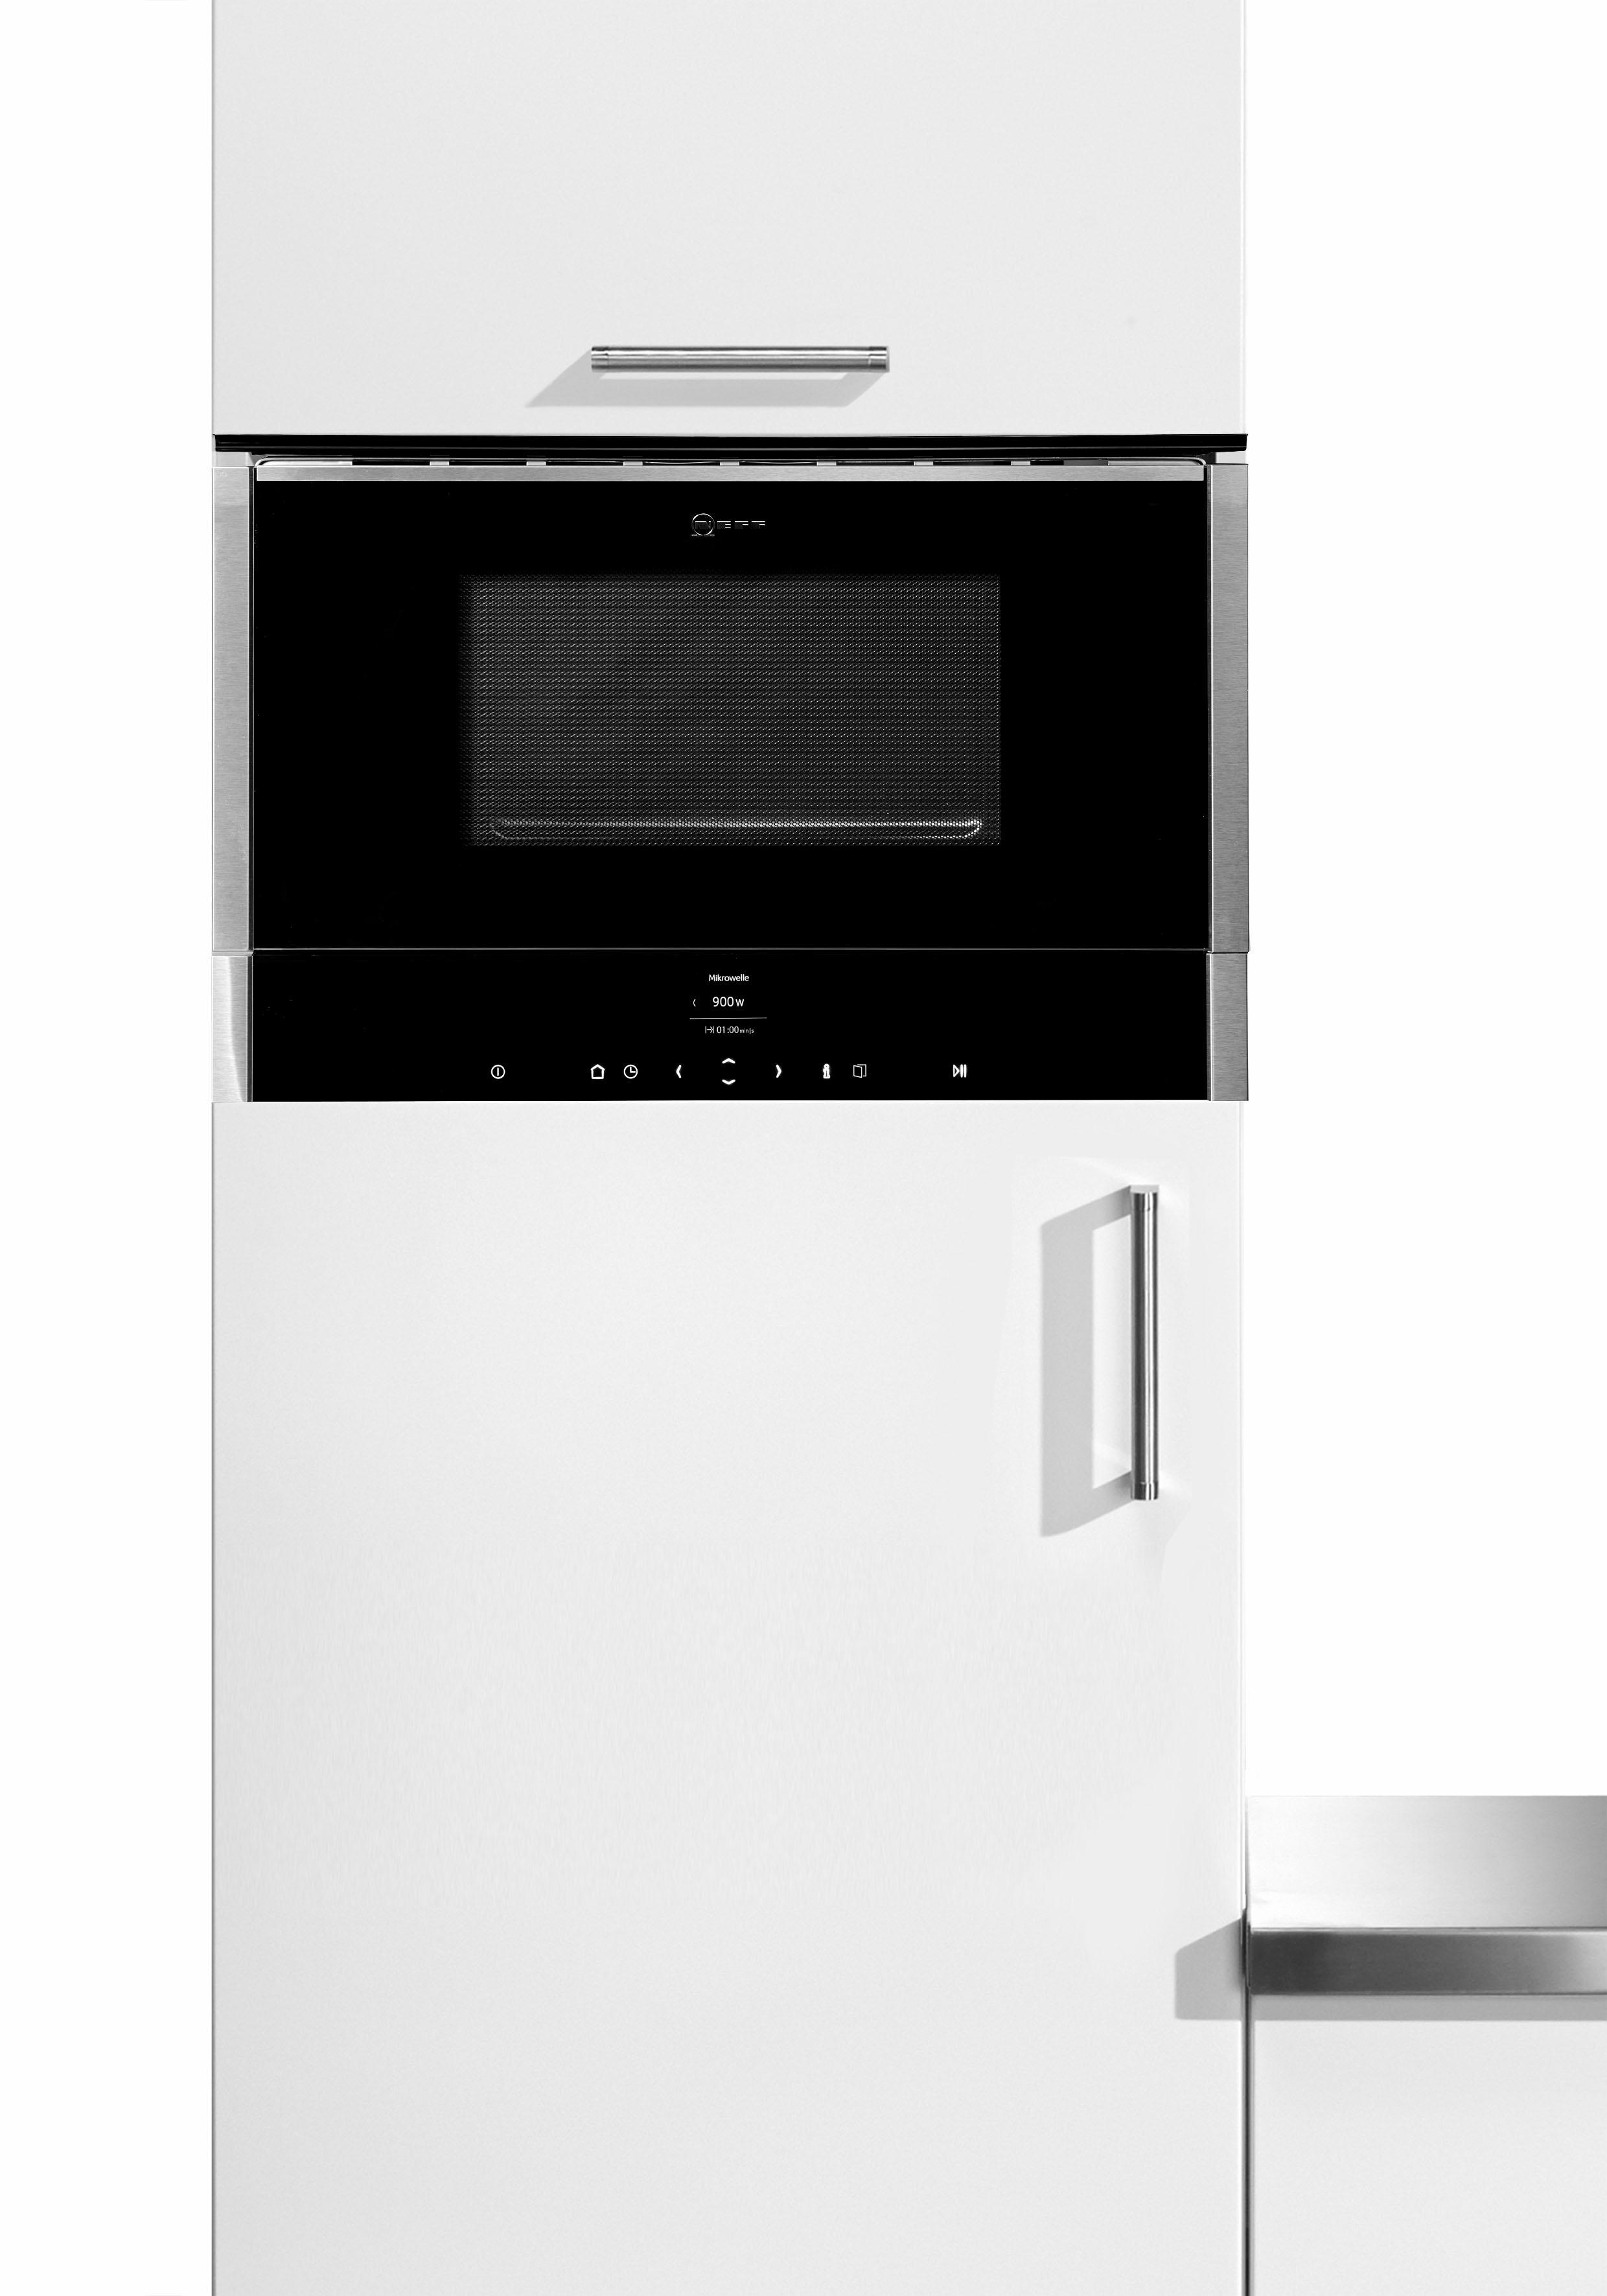 NEFF Einbau-Mikrowelle C17WR00N0 900 W | Küche und Esszimmer > Küchenelektrogeräte > Mikrowellen | Schwarz | Neff